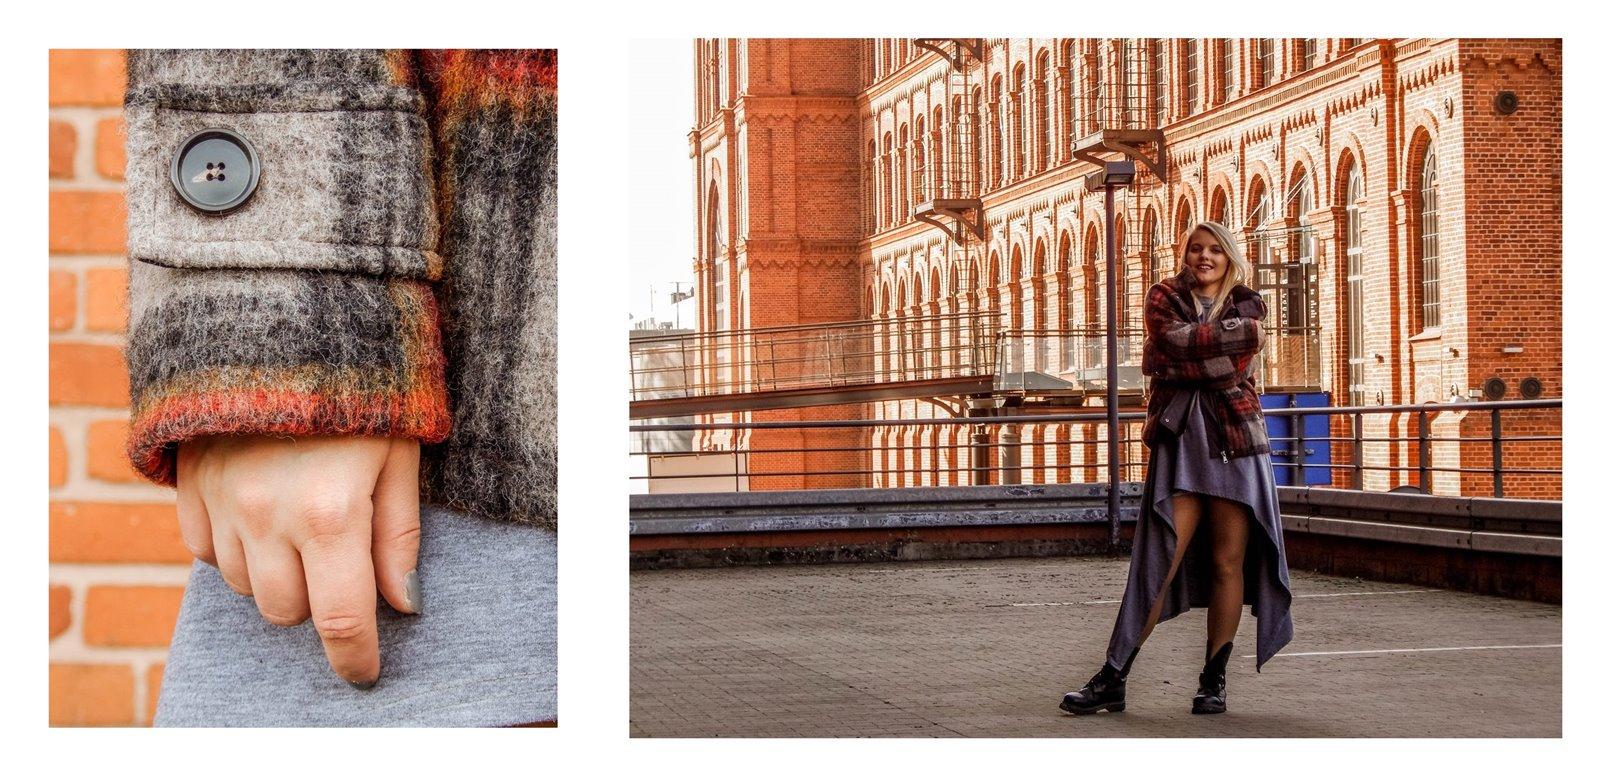 3a płaszcz - ubranie, moda polska, hot moda, moda damska jesień 2018, moda for you, net moda, blog, blogerki fashion łódź anataka kurtka w kratkę ciepła kurtka stylizacje w co się ubrać eleganckie kurtki blondynka